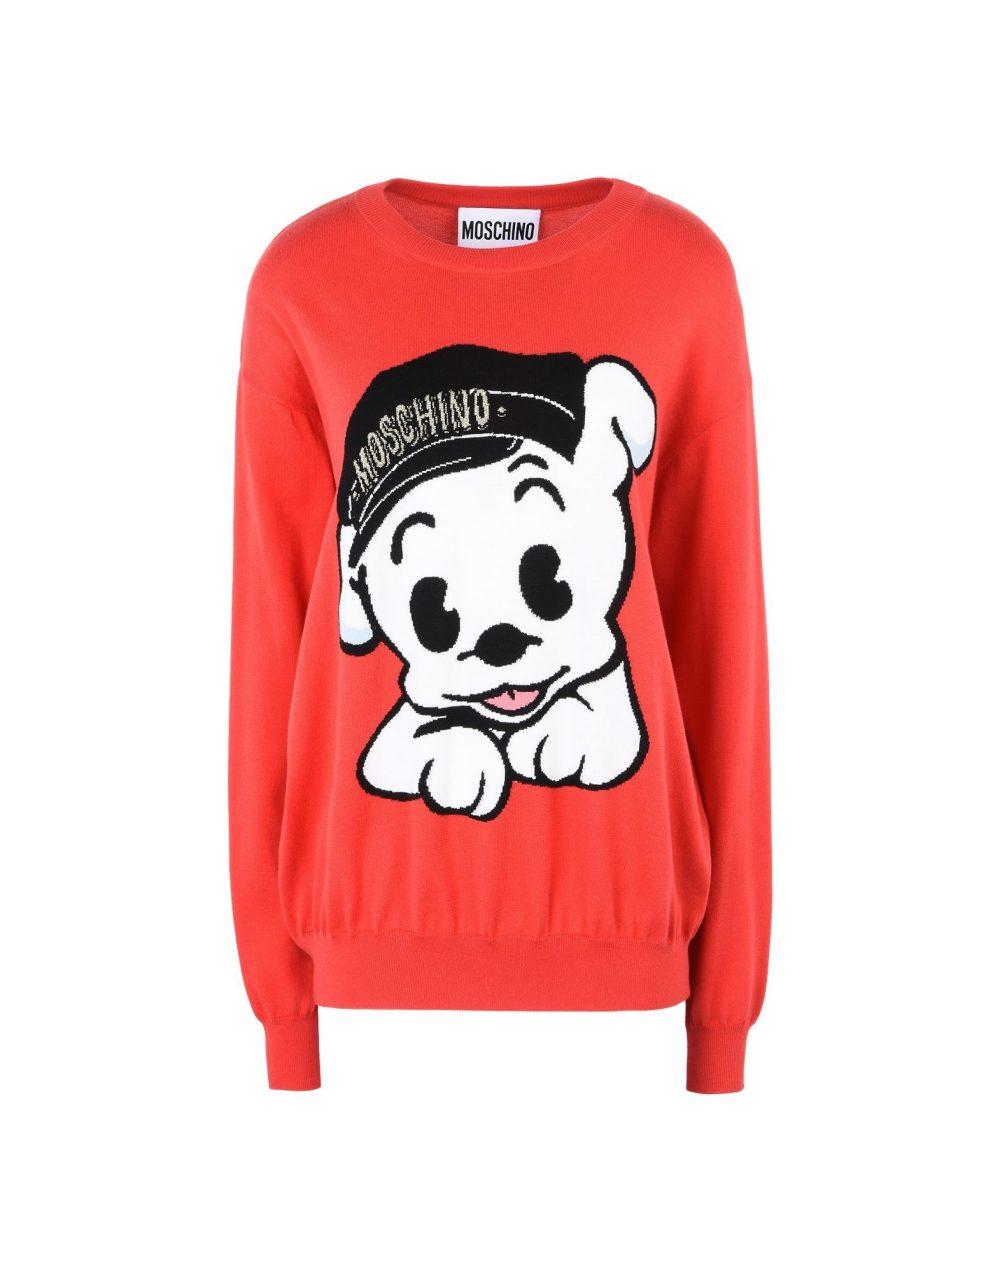 Pudgy sweatshirt